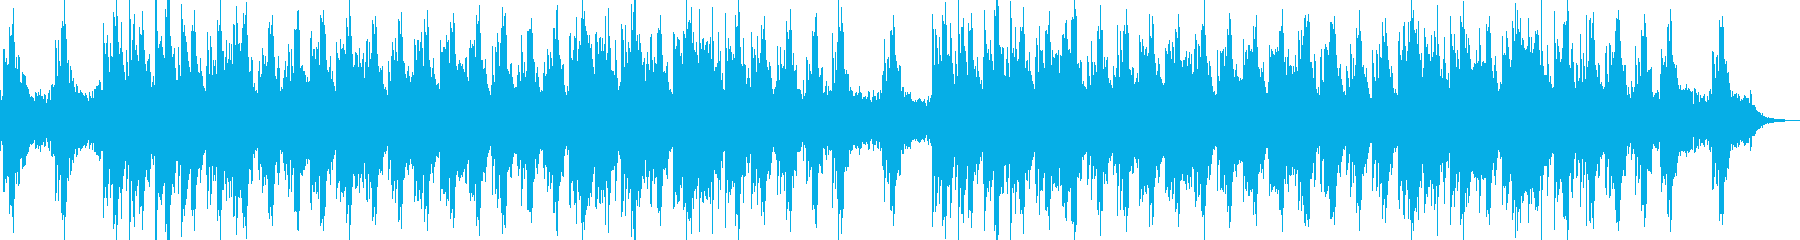 ヒーリング 癒やし ピアノ ハープの再生済みの波形